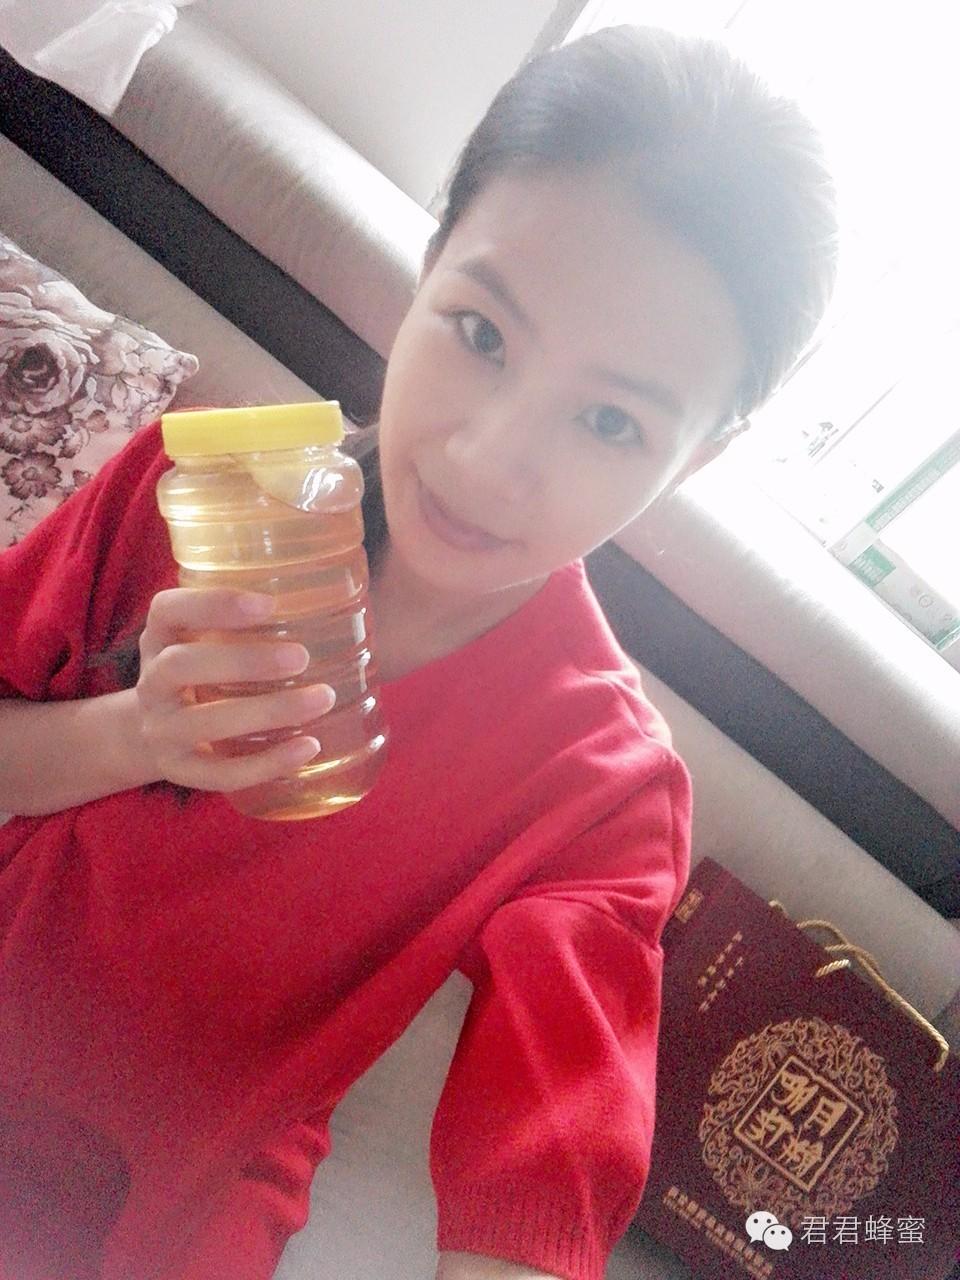 蜂蜜深加工 蜂蜜做面膜的方法 蜂蜜桃仁 哪个牌子蜂蜜最好 什么蜂蜜